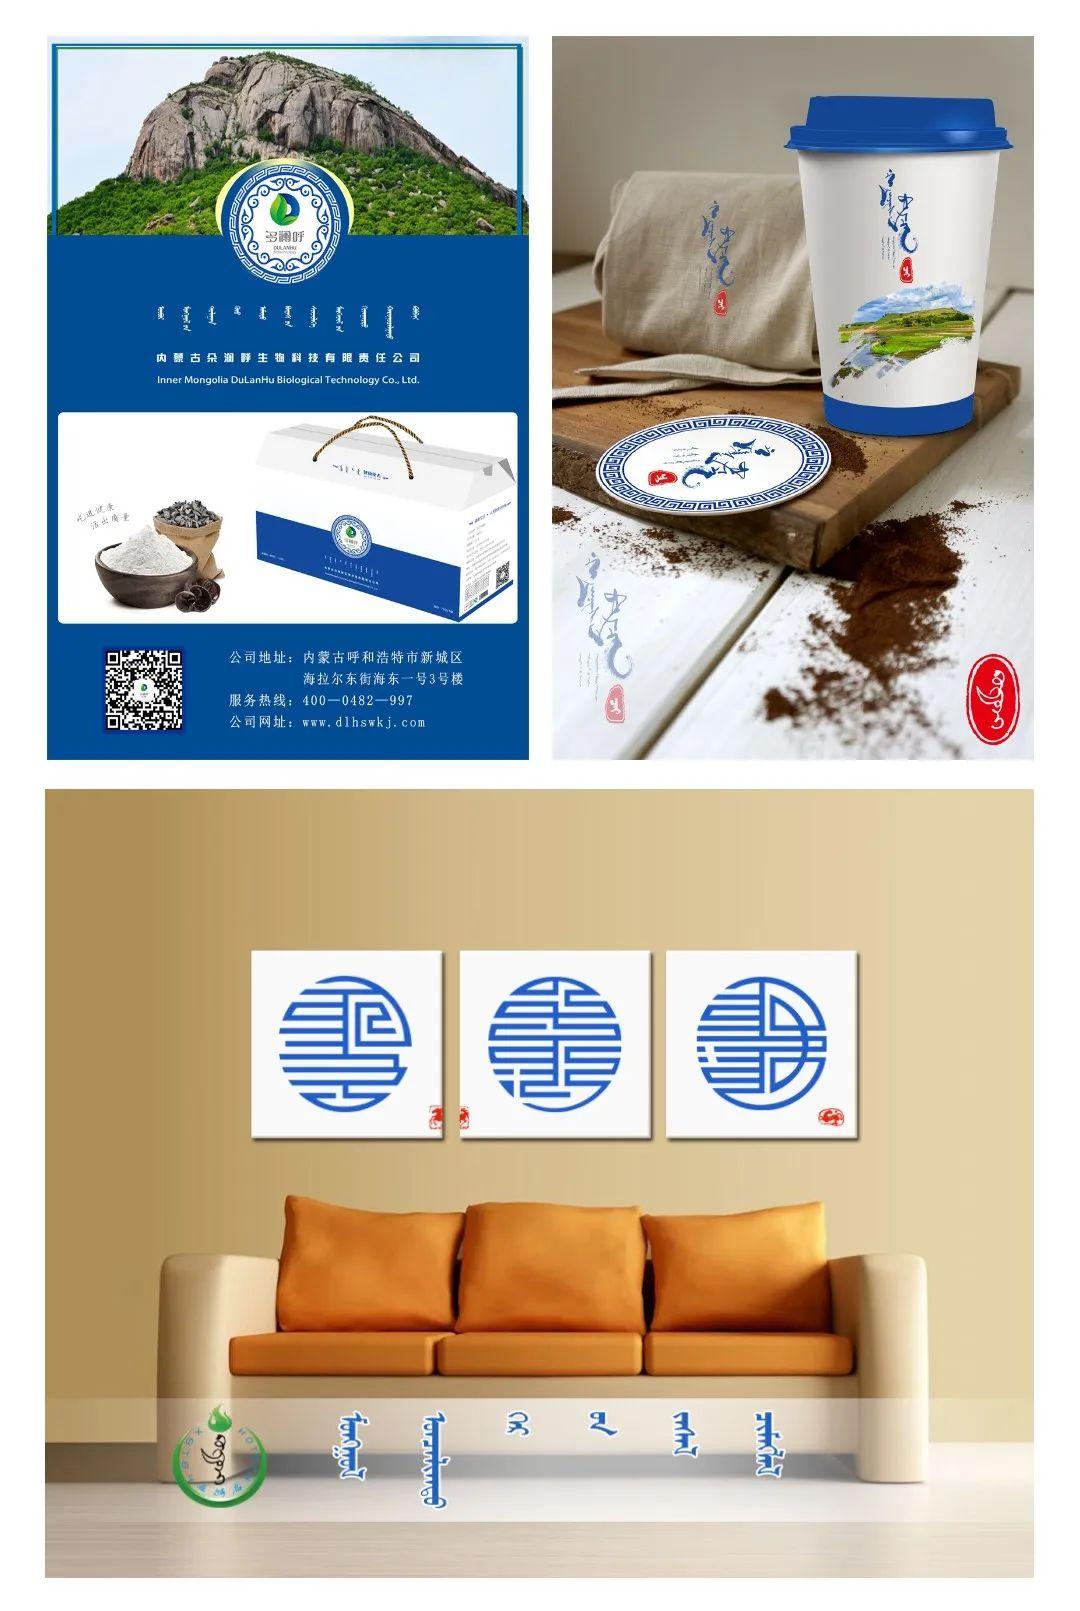 超赞的蒙元素设计-看完马上收藏 #Hotoch-Design#设计案例 第17张